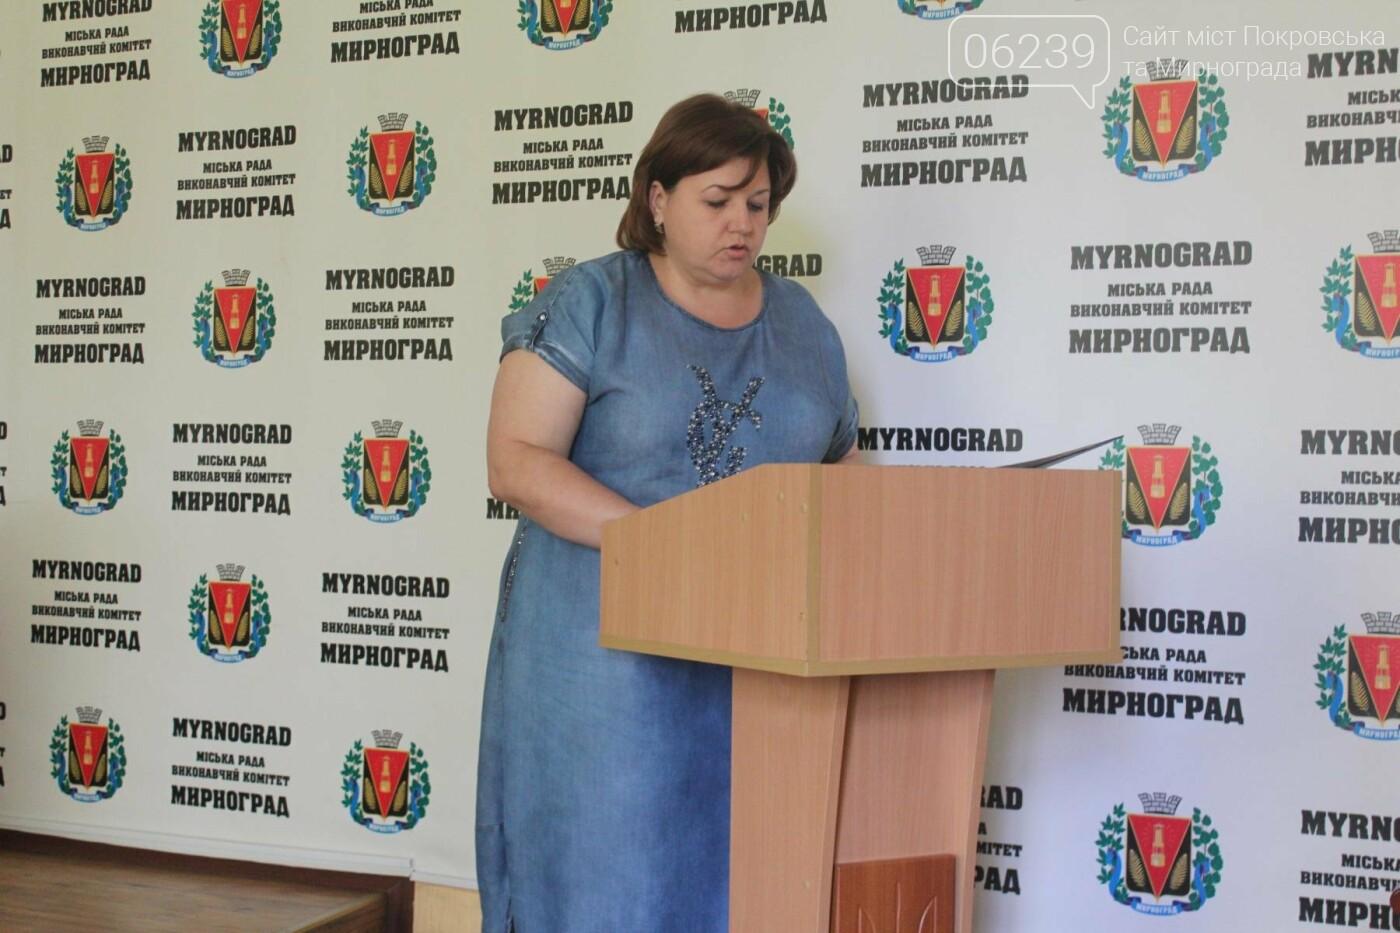 Работа коммунальных служб города и планы на неделю: в Мирнограде провели очередное аппаратное совещание, фото-2